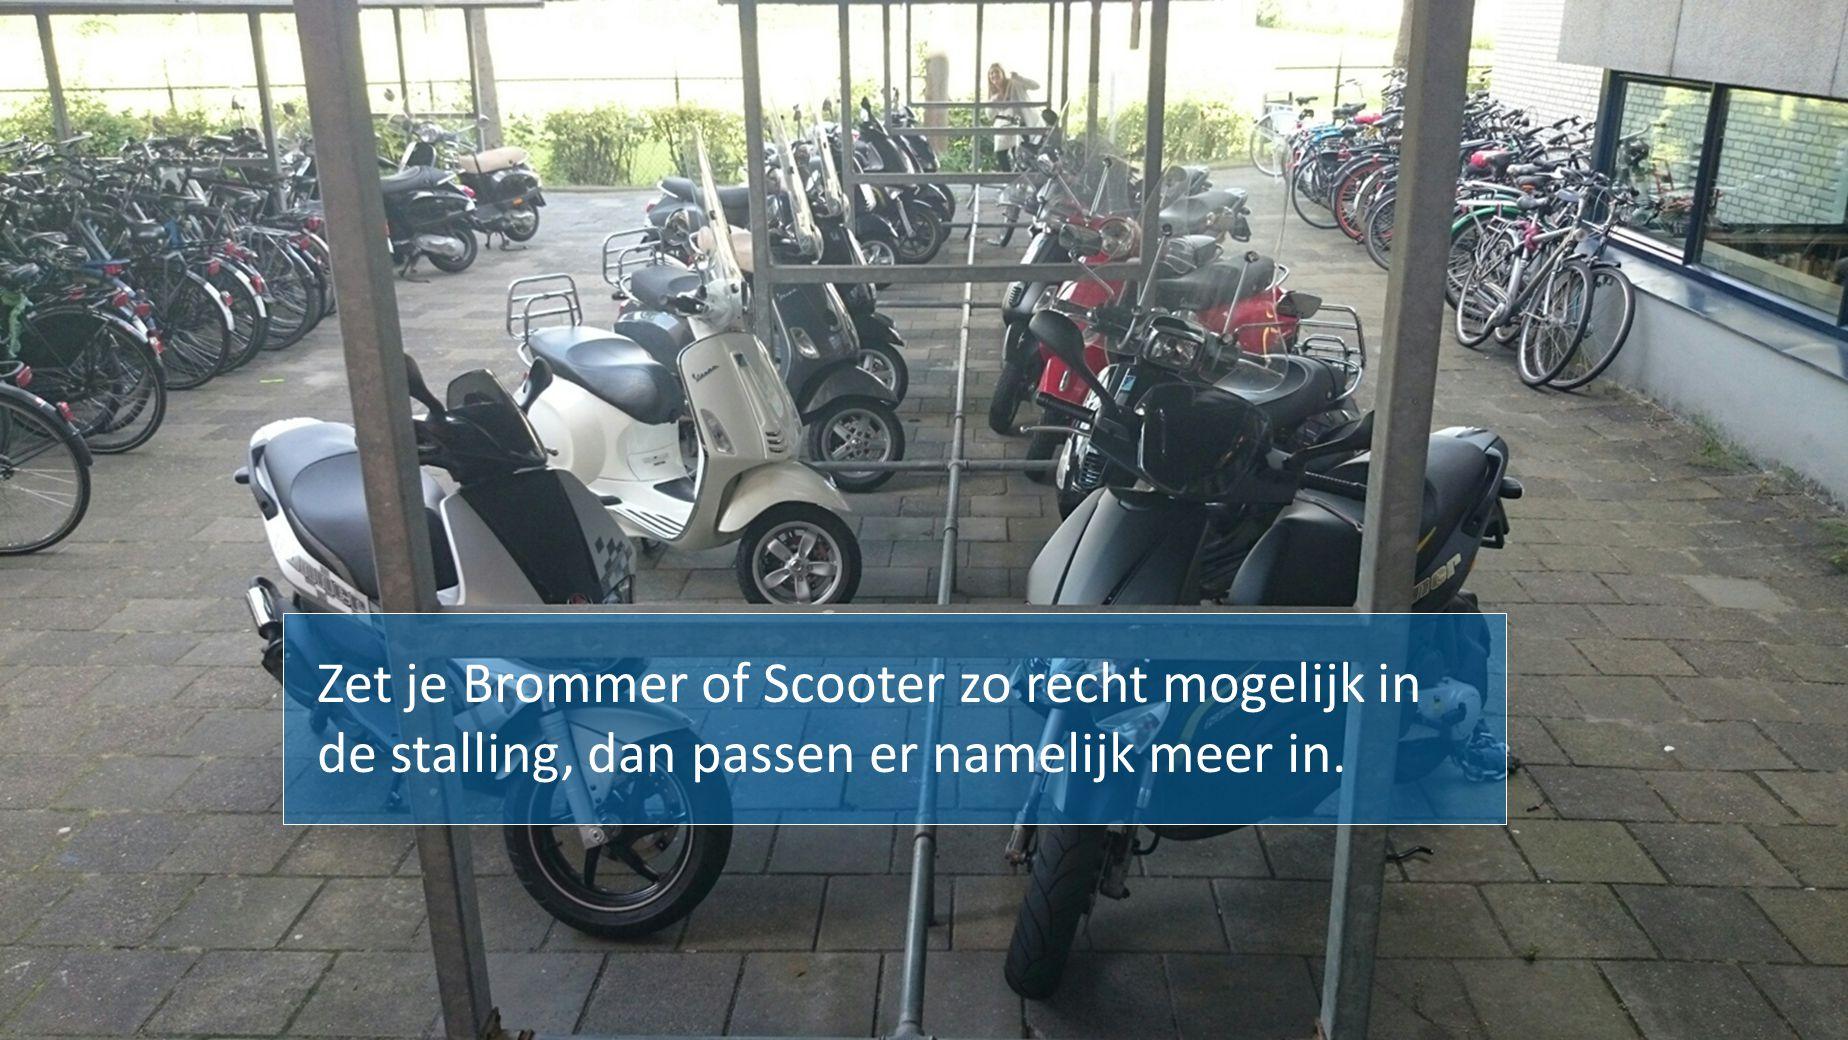 Zet je Brommer of Scooter zo recht mogelijk in de stalling, dan passen er namelijk meer in.